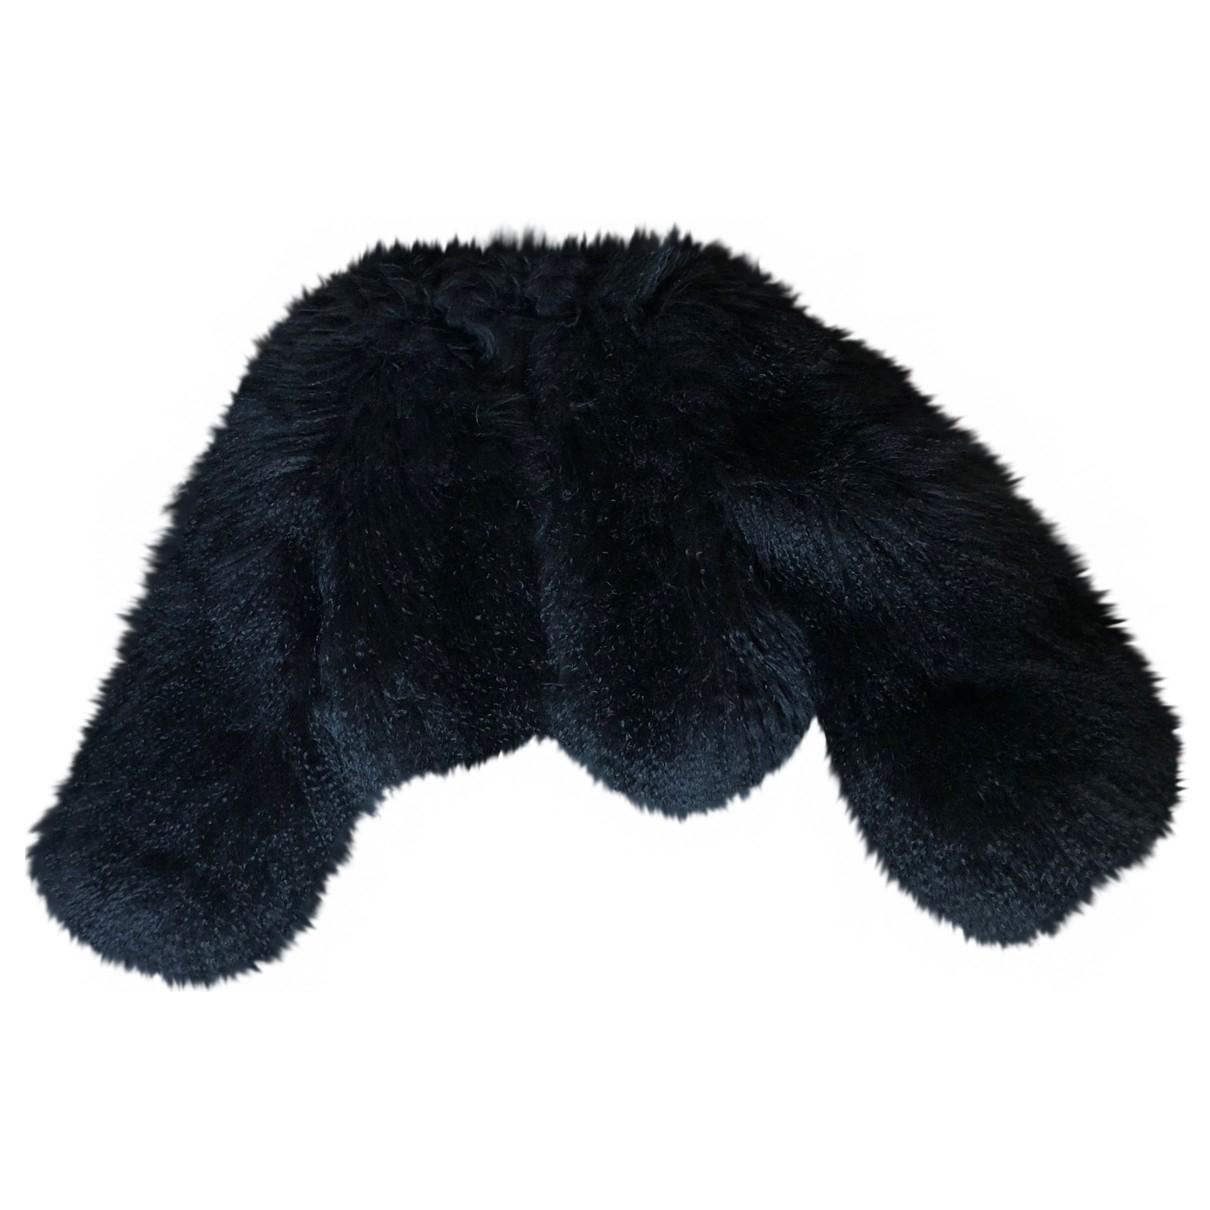 Valentino Garavani - Manteau   pour femme en agneau de mongolie - noir